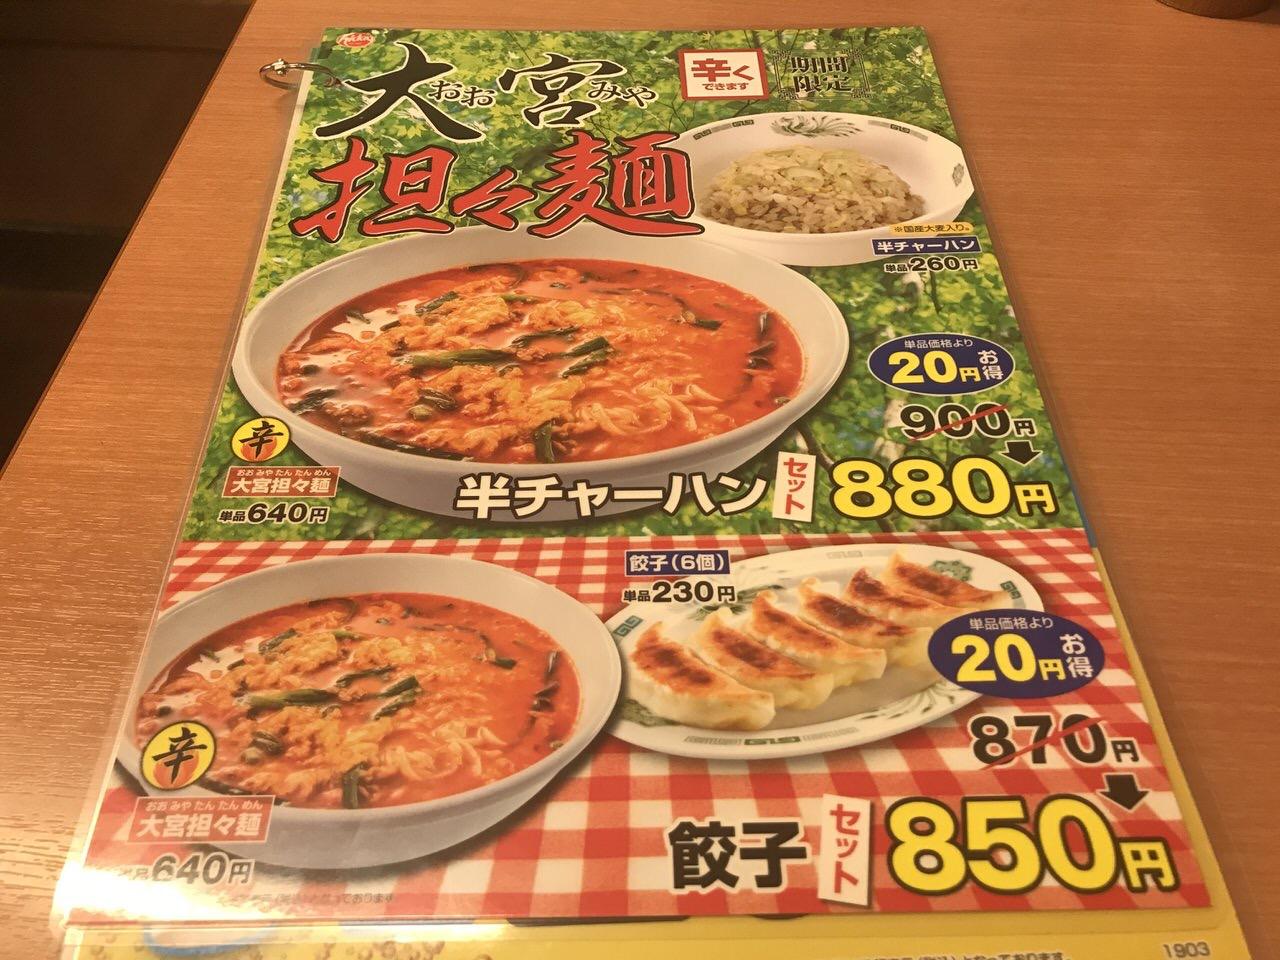 大宮担々麺 メニュー